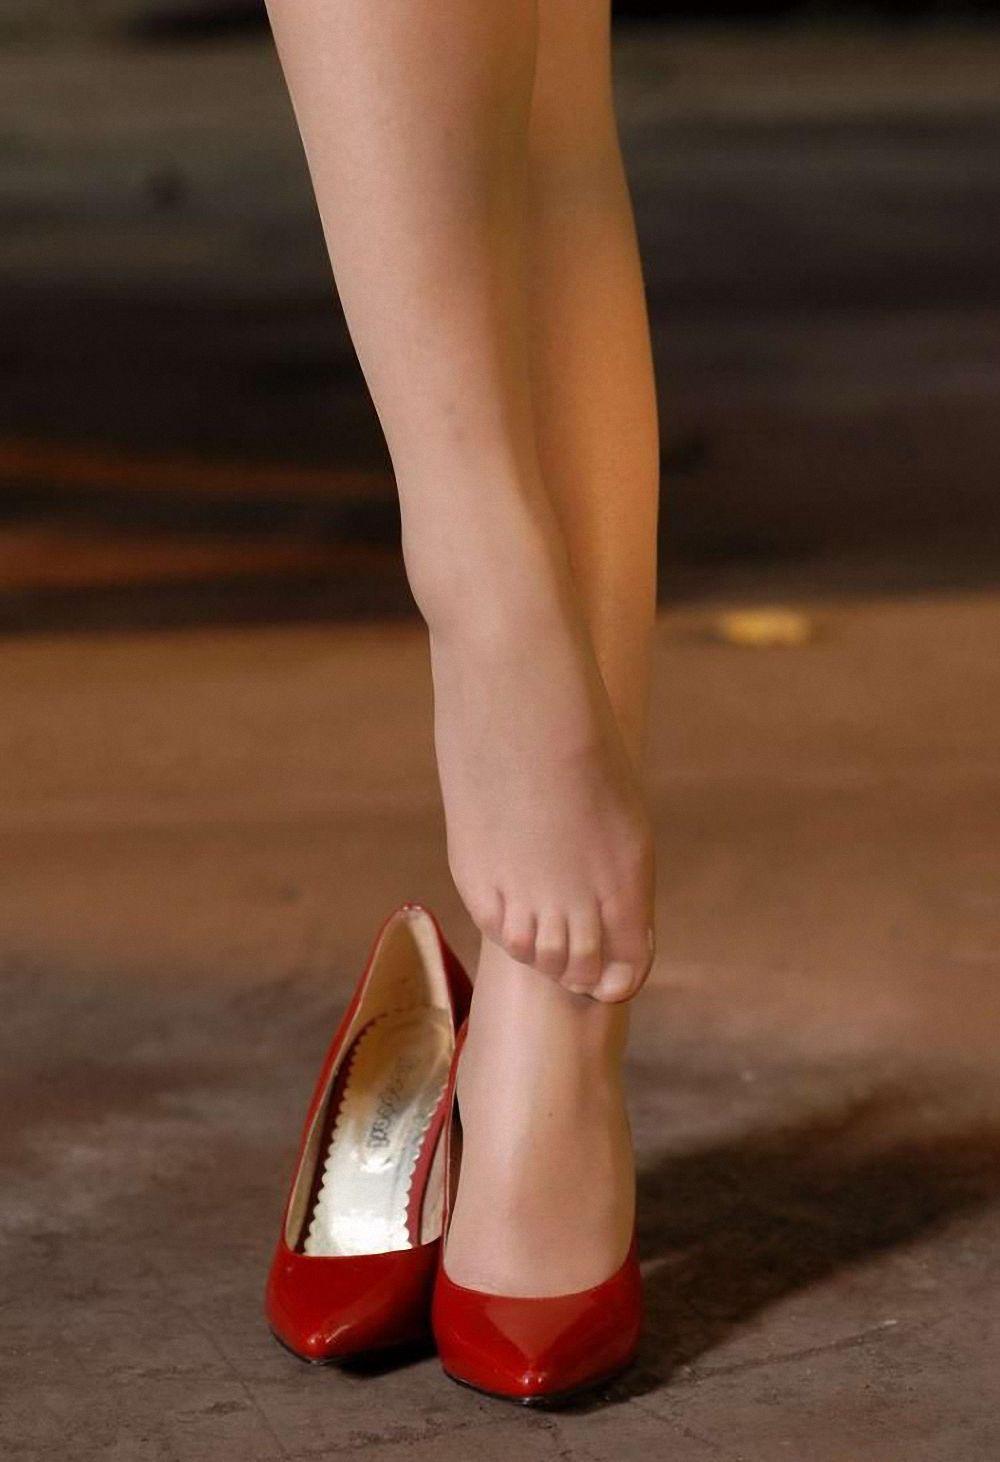 Nylon Feet | more nylons | Pinterest | Legs, Hosiery and ...